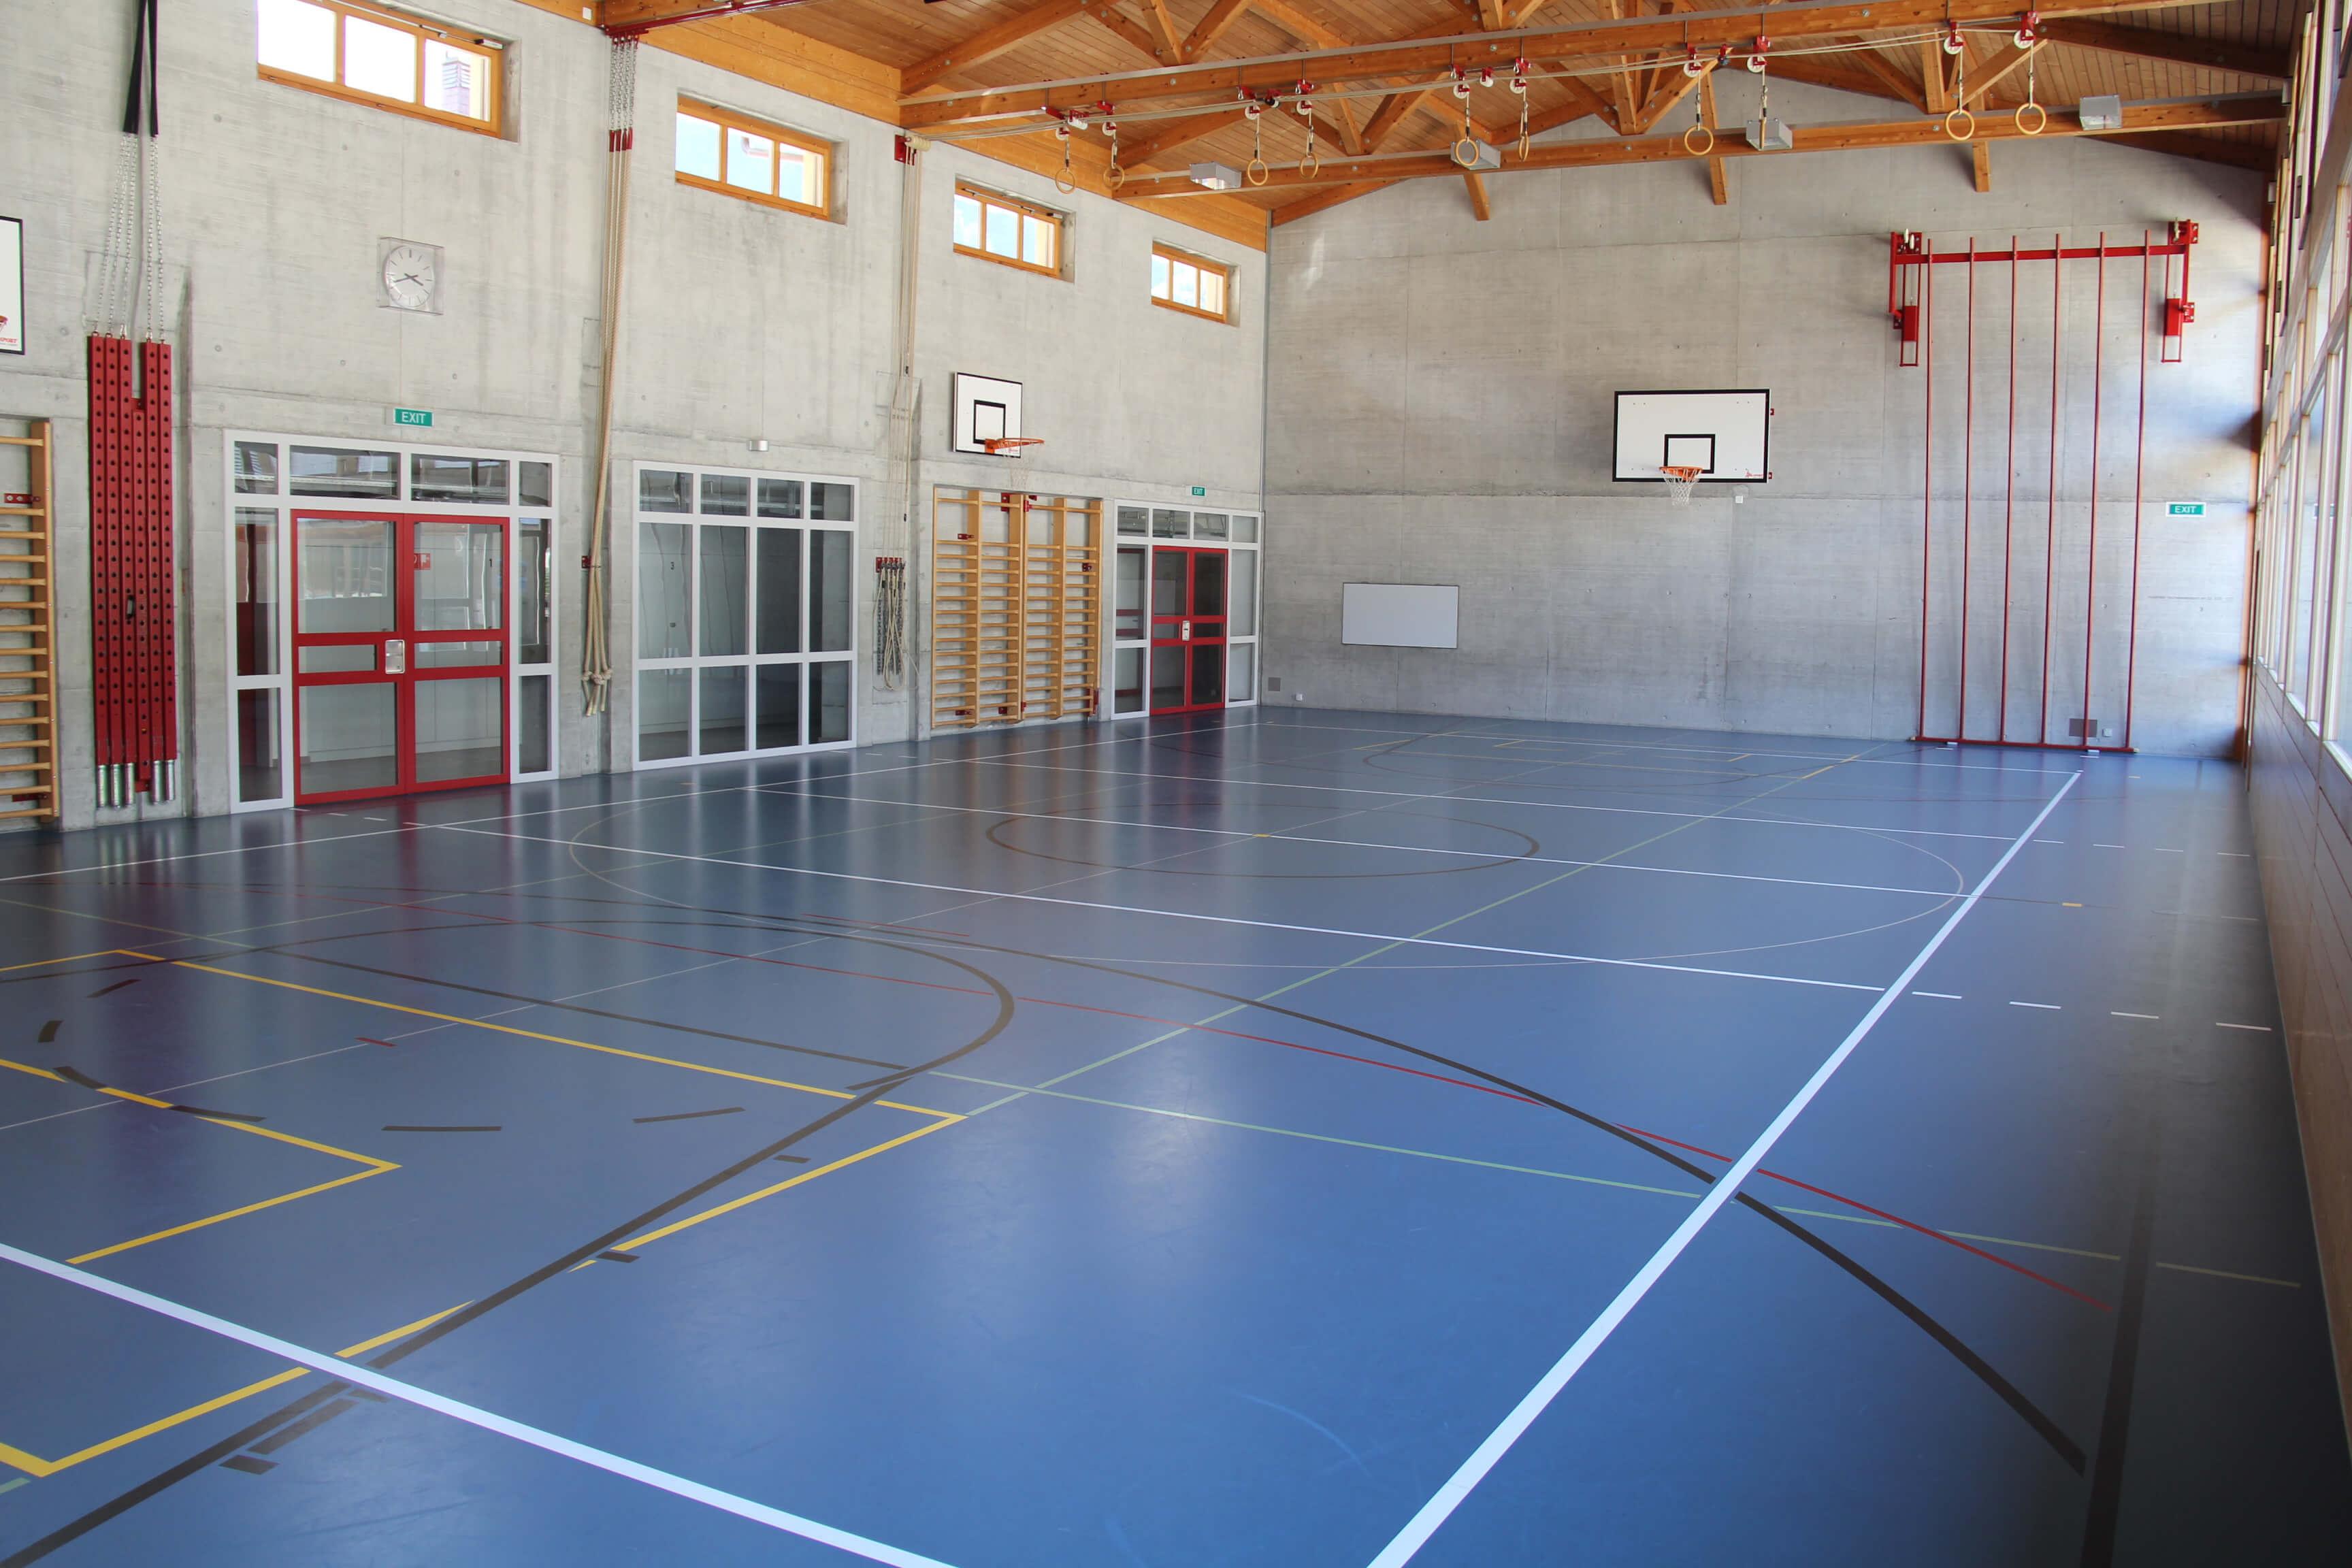 Grosse Turnhalle mit Kletterstange und Basketball-Körben